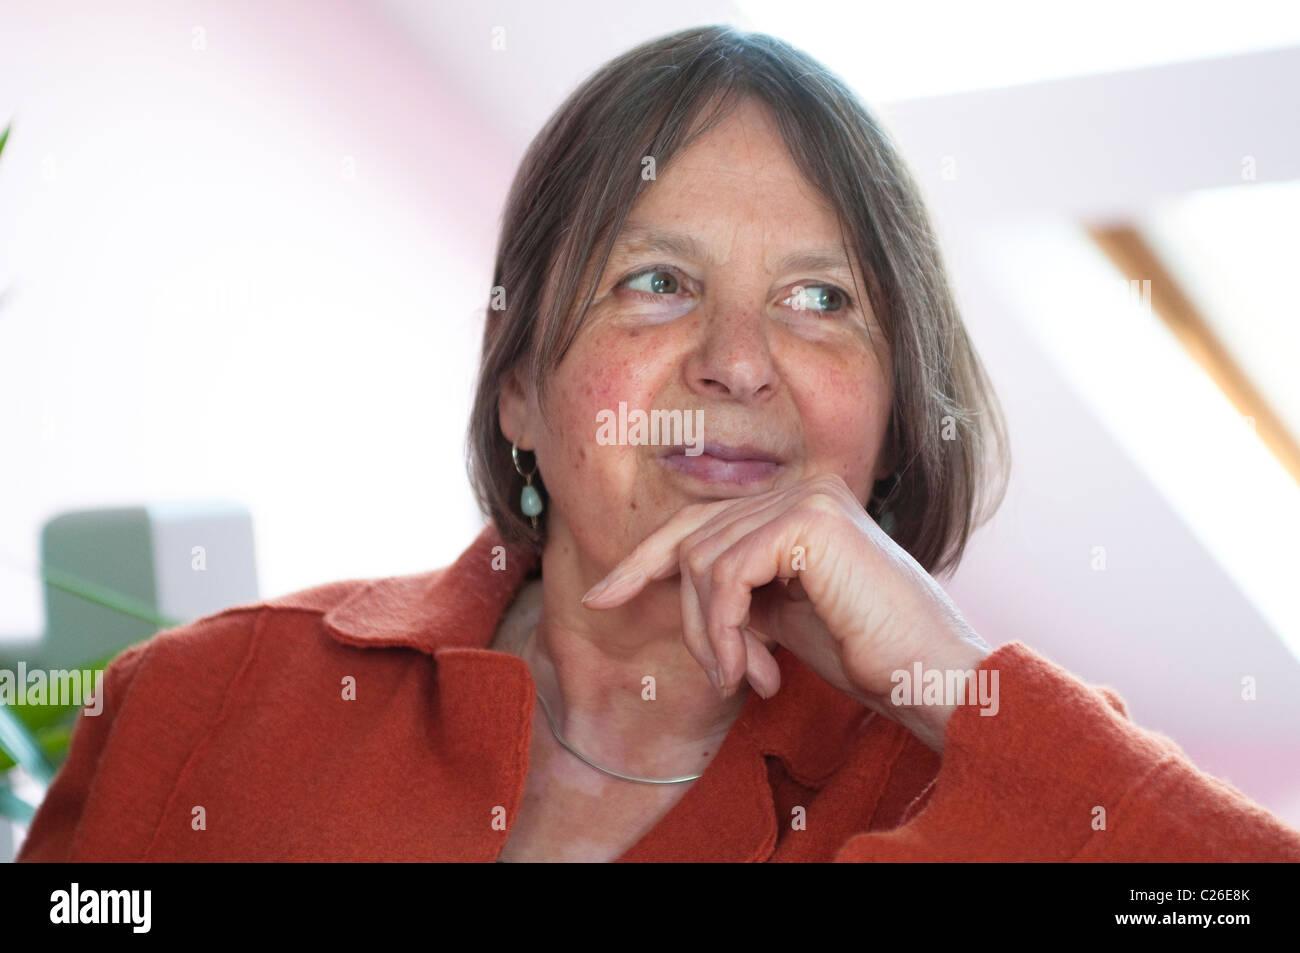 Mujer de mediana edad que buscan relajado y feliz Imagen De Stock